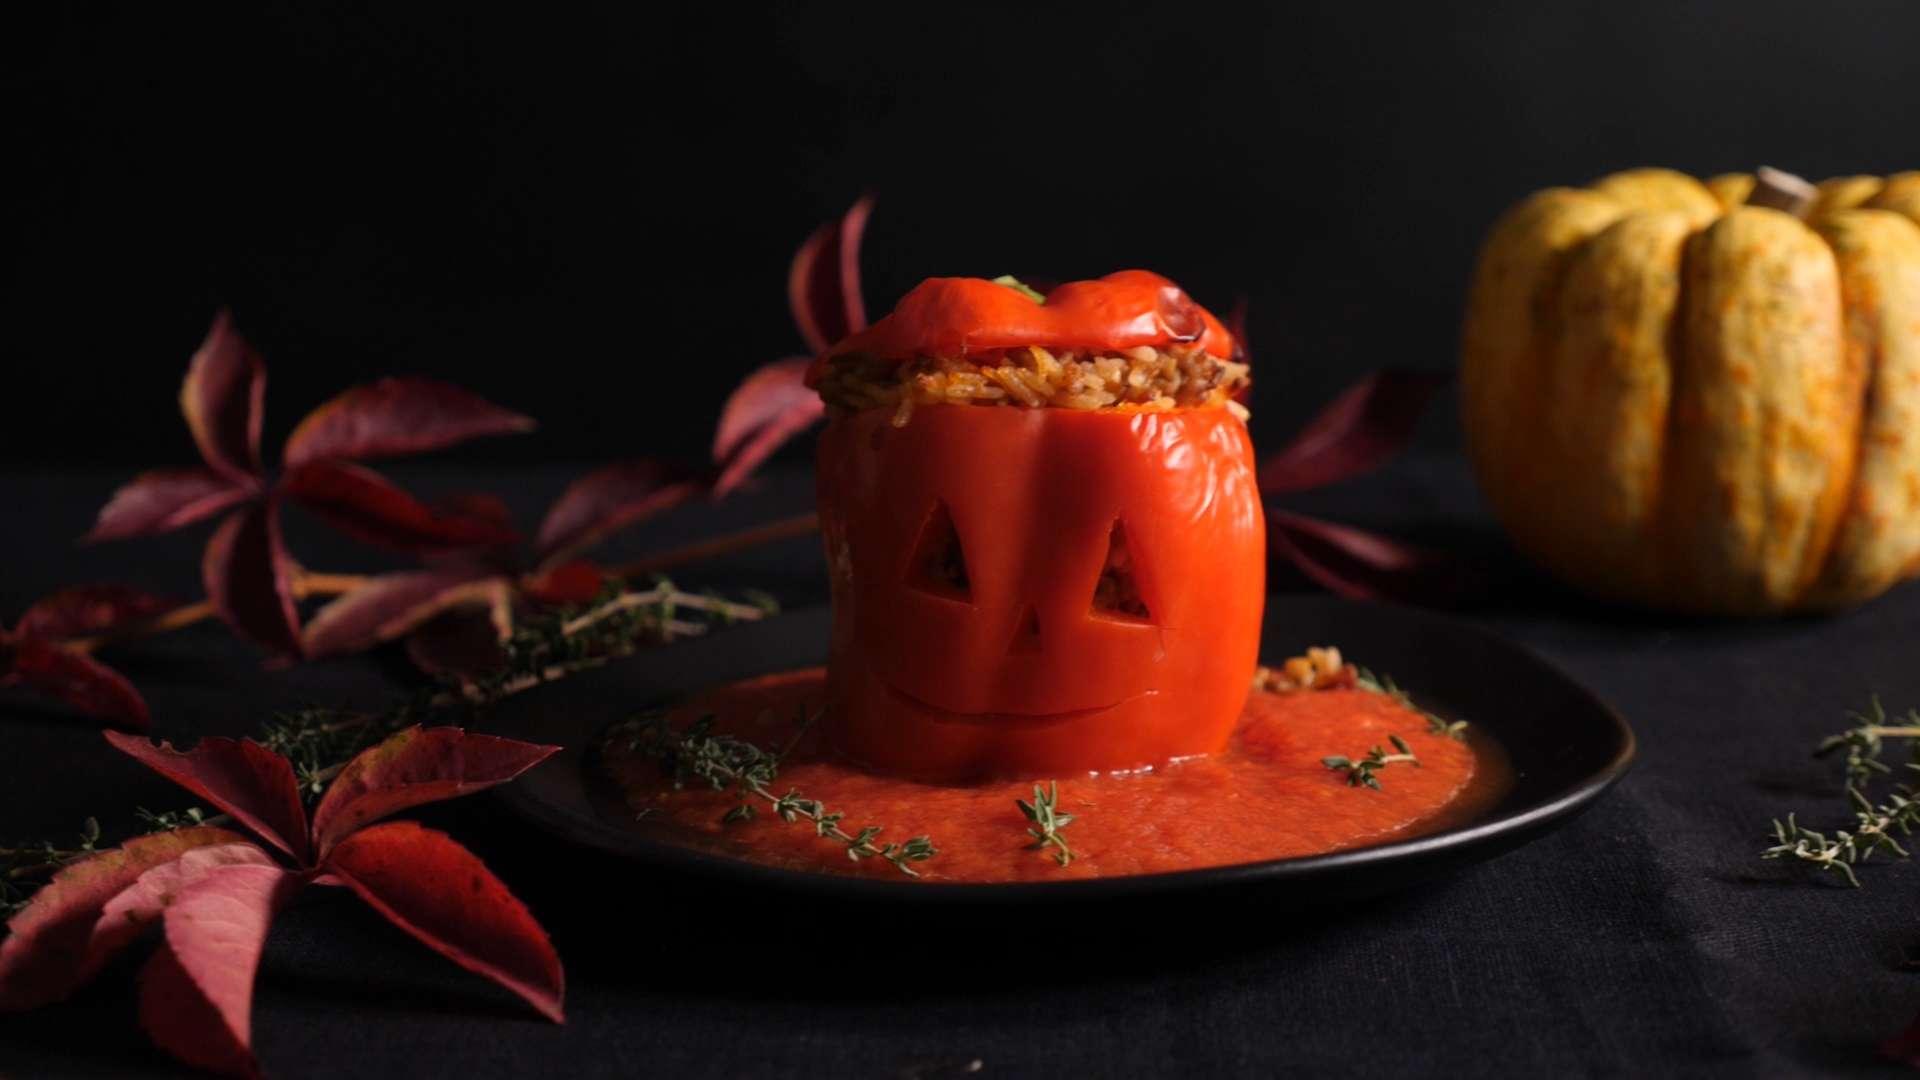 Cooking Catrin kocht gefüllten Halloween-Geist